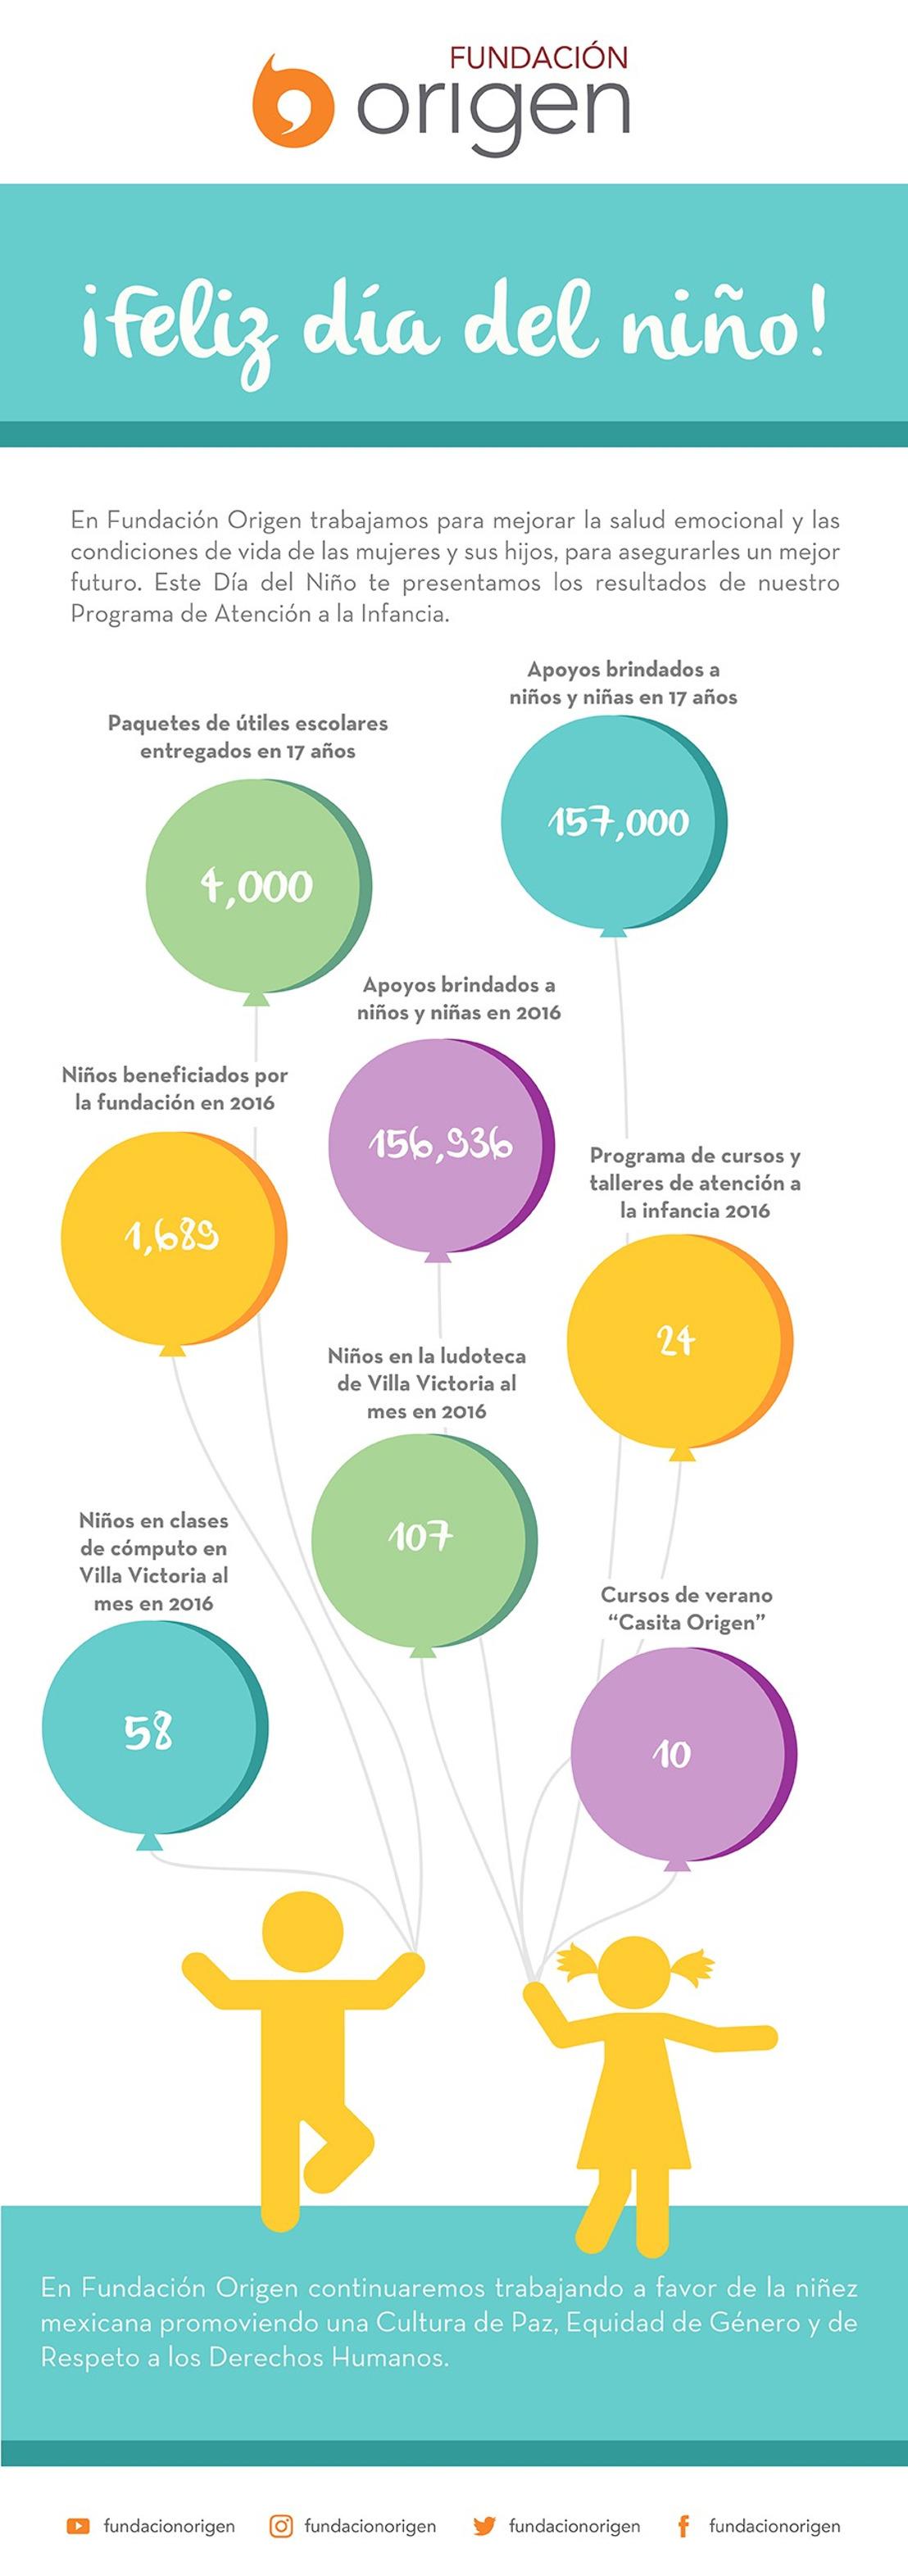 Fundación Origen festeja a todos los niños de México